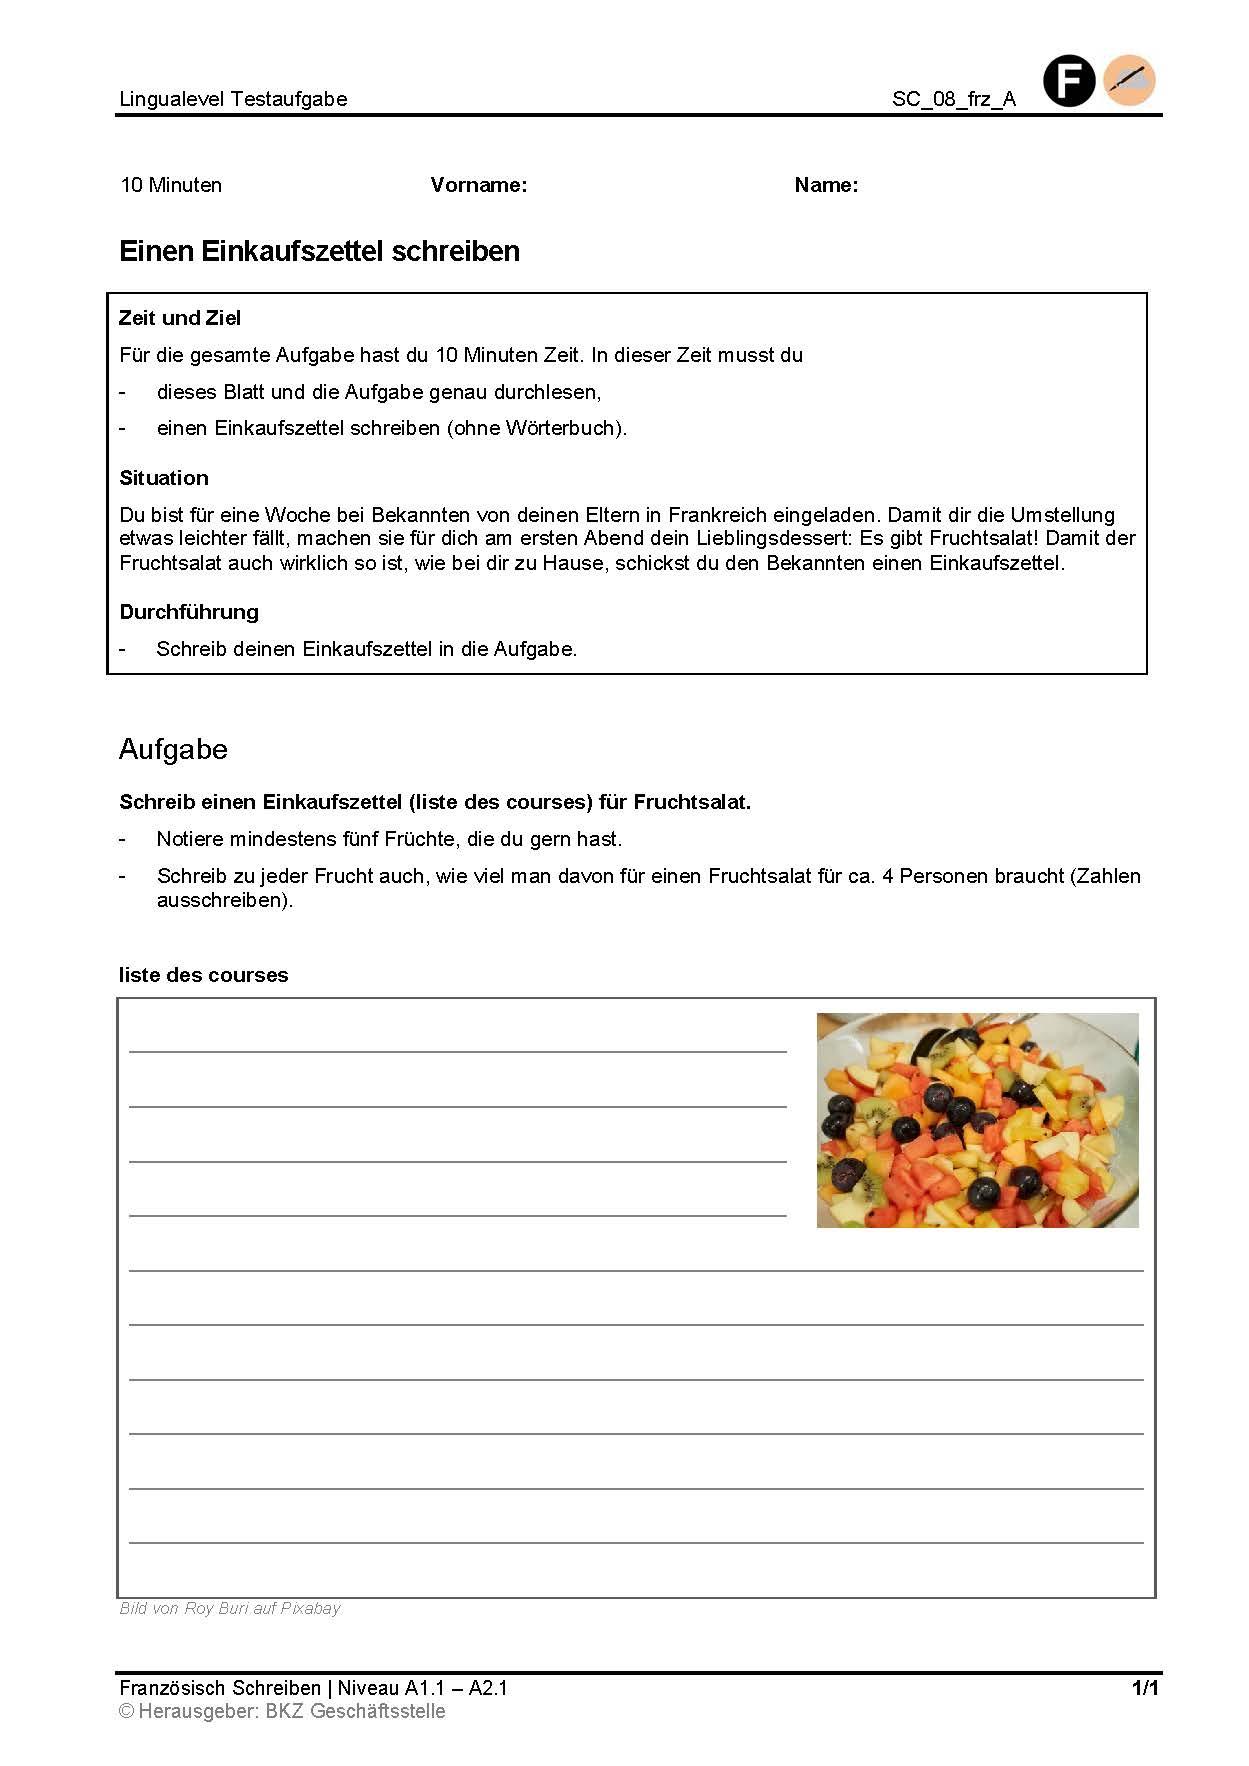 Preview image for LOM object Einen Einkaufszettel schreiben